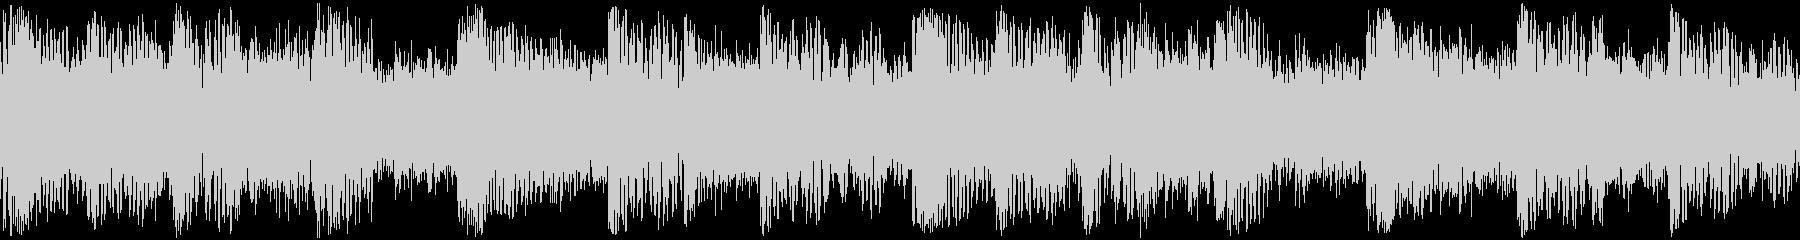 E.ギターがメインのヘビーメタルサウンドの未再生の波形